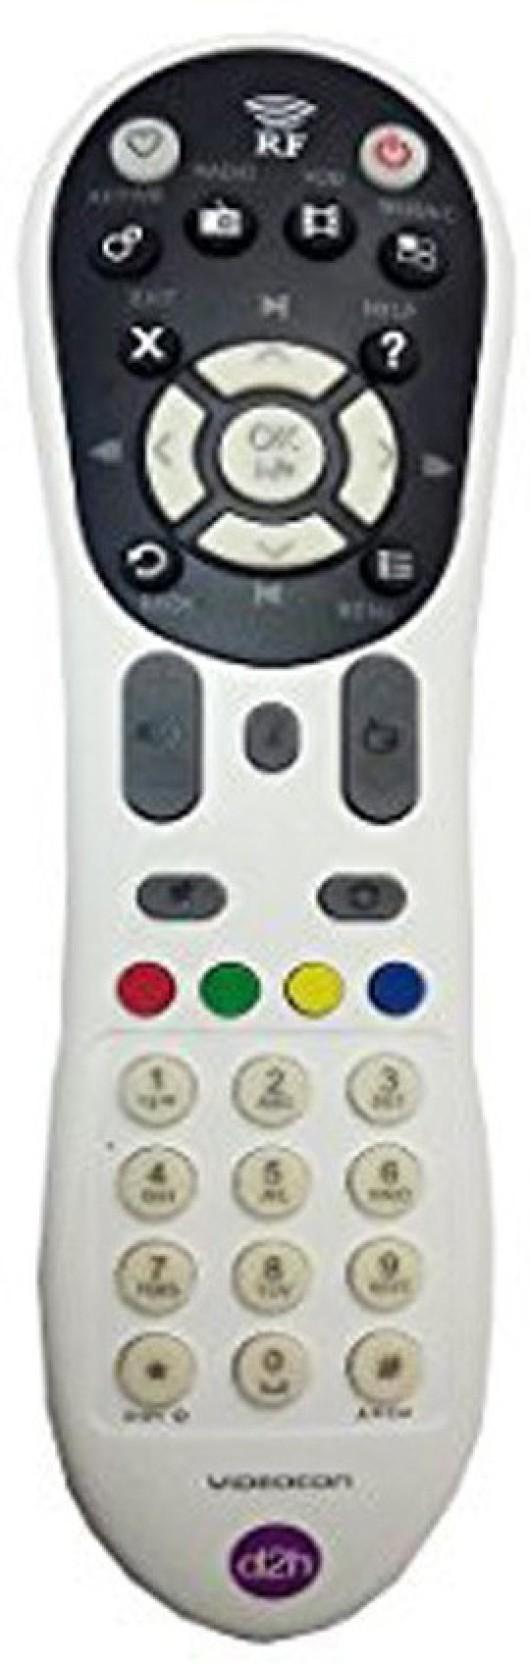 Videocon d2h RF HD dth settop box Remote Controller